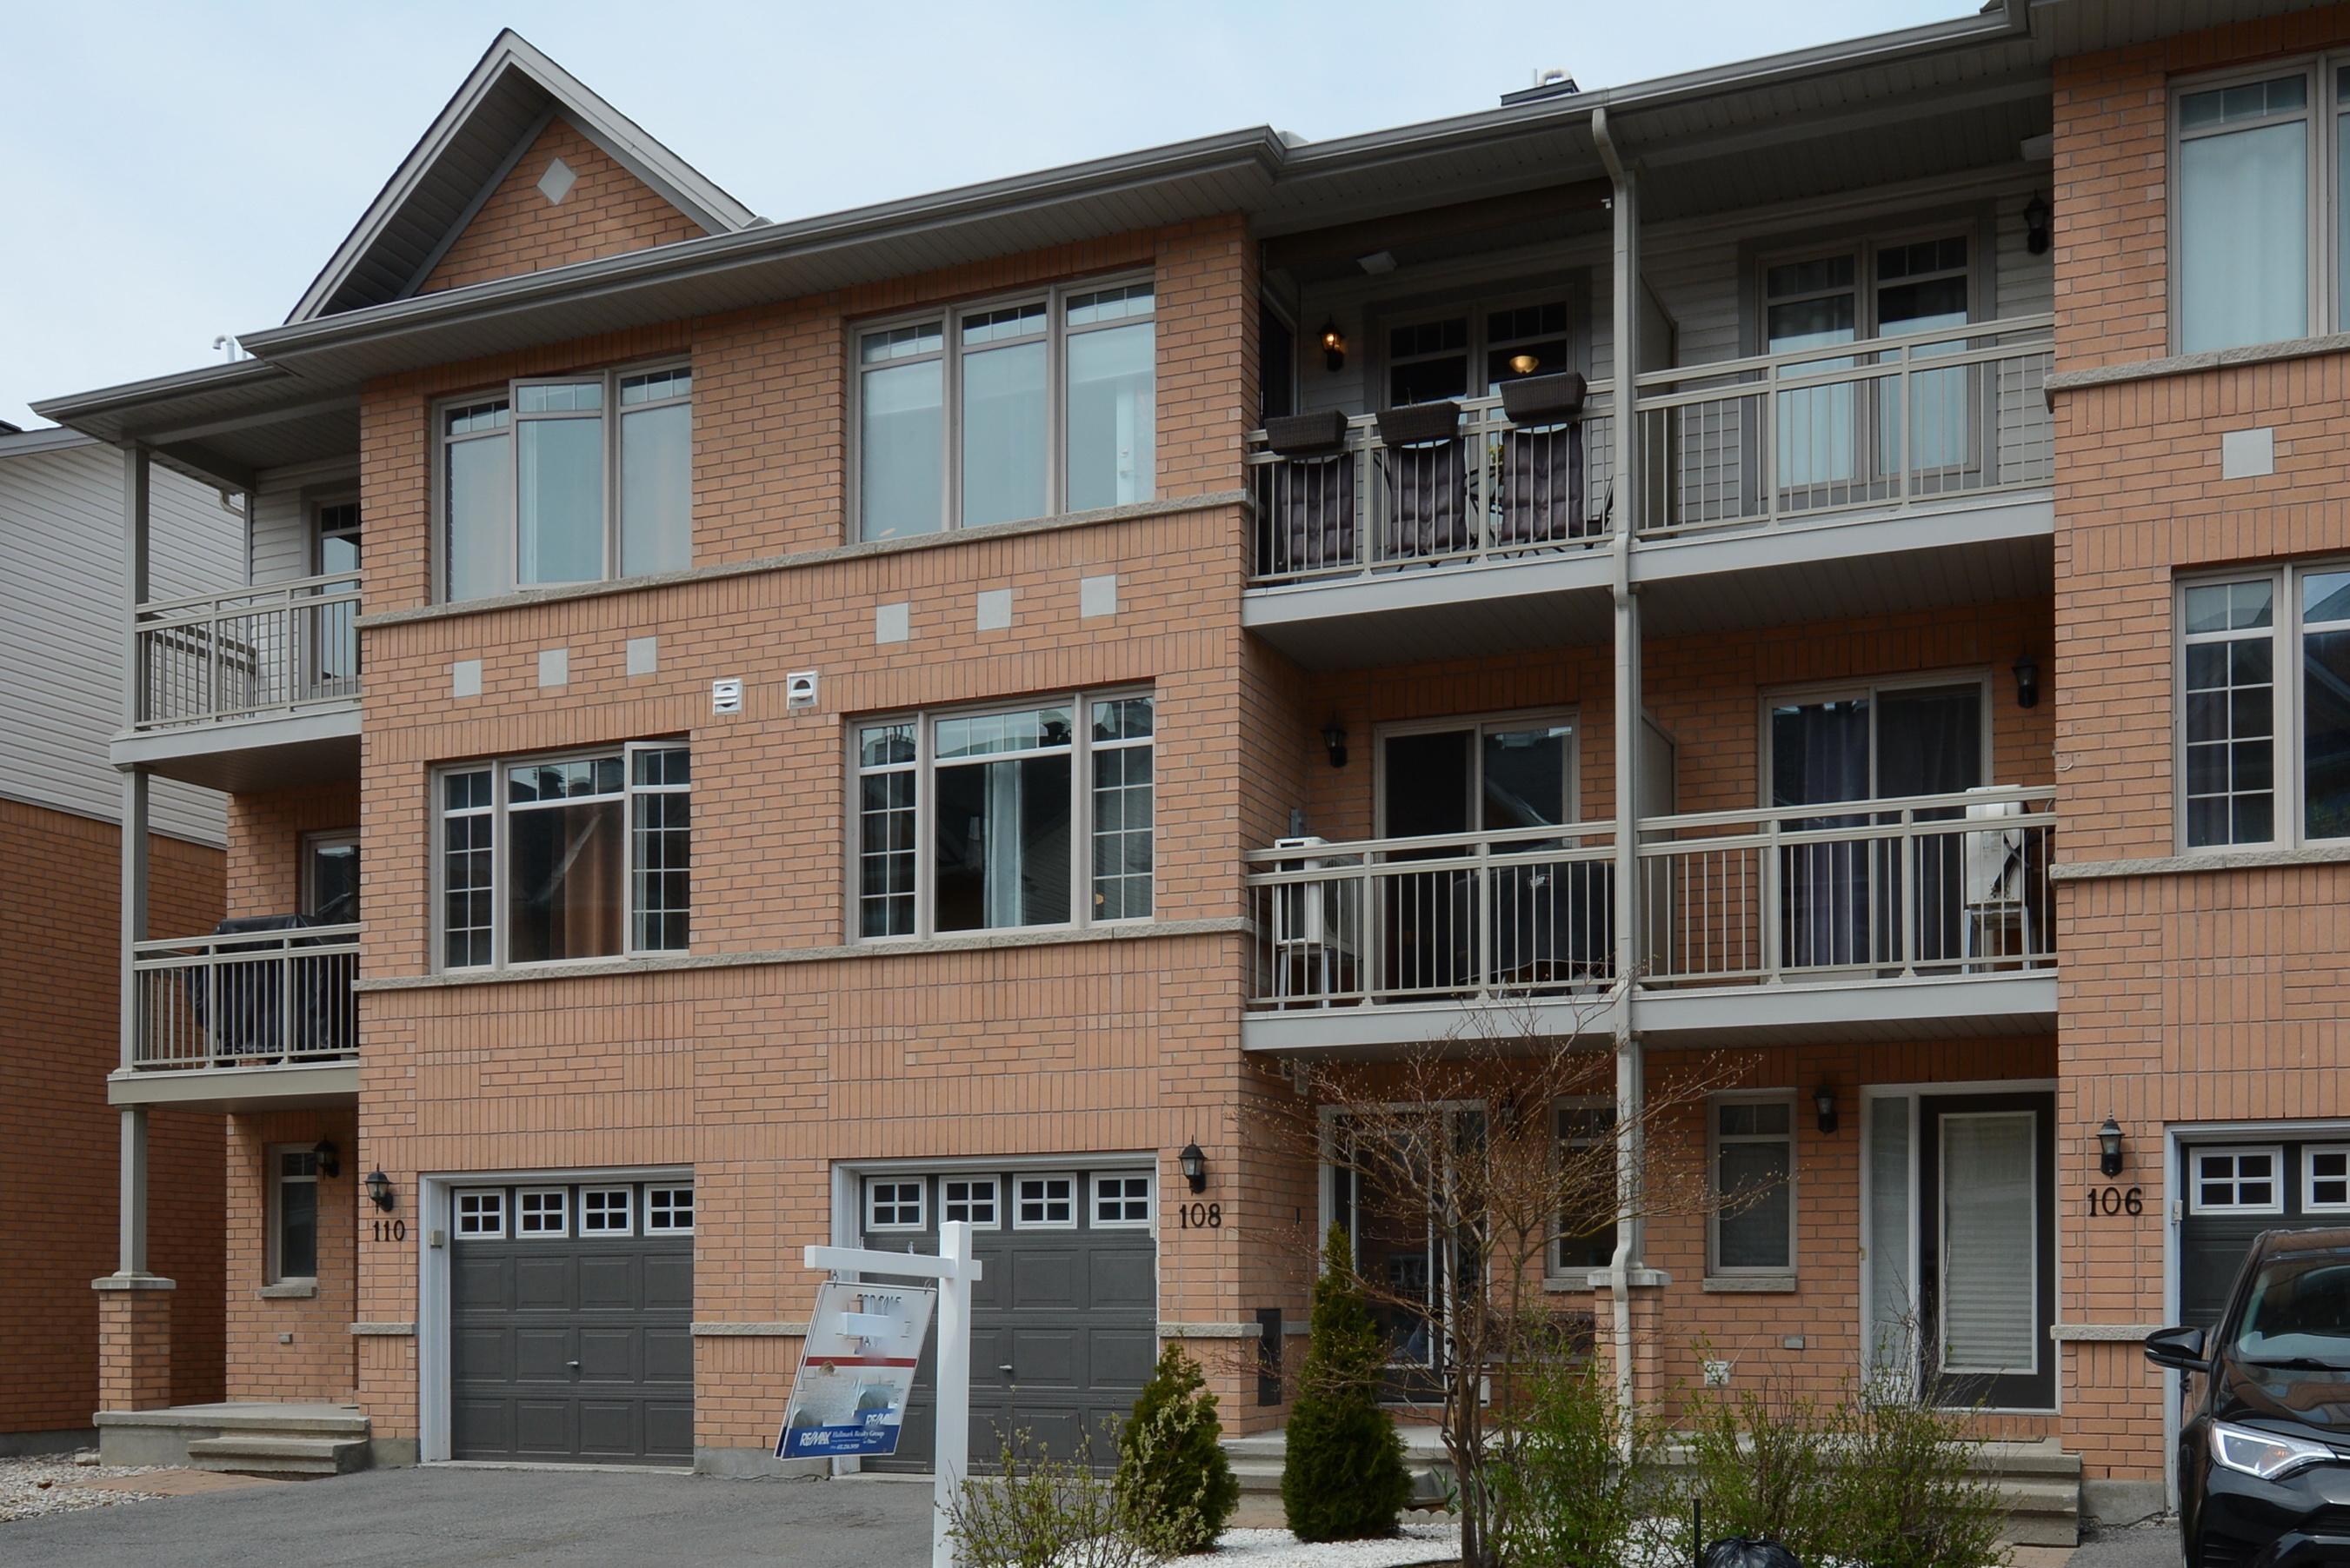 108 Quito PVT, Ottawa, Ontario